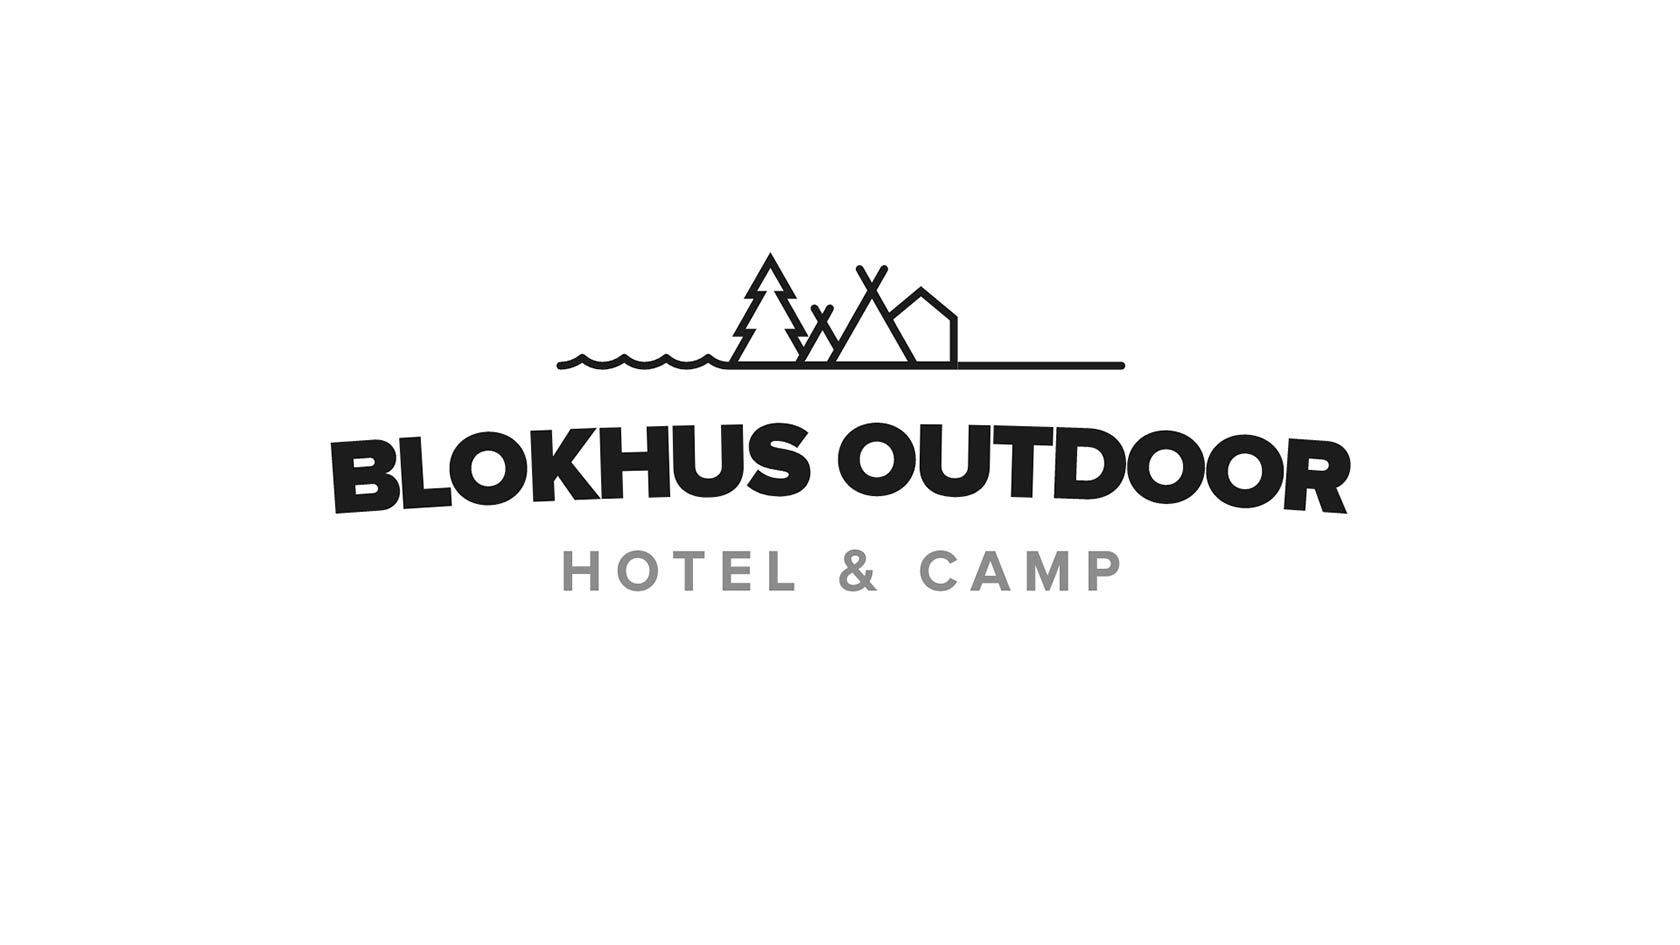 Billede der viser Blokhus Outdoors logo